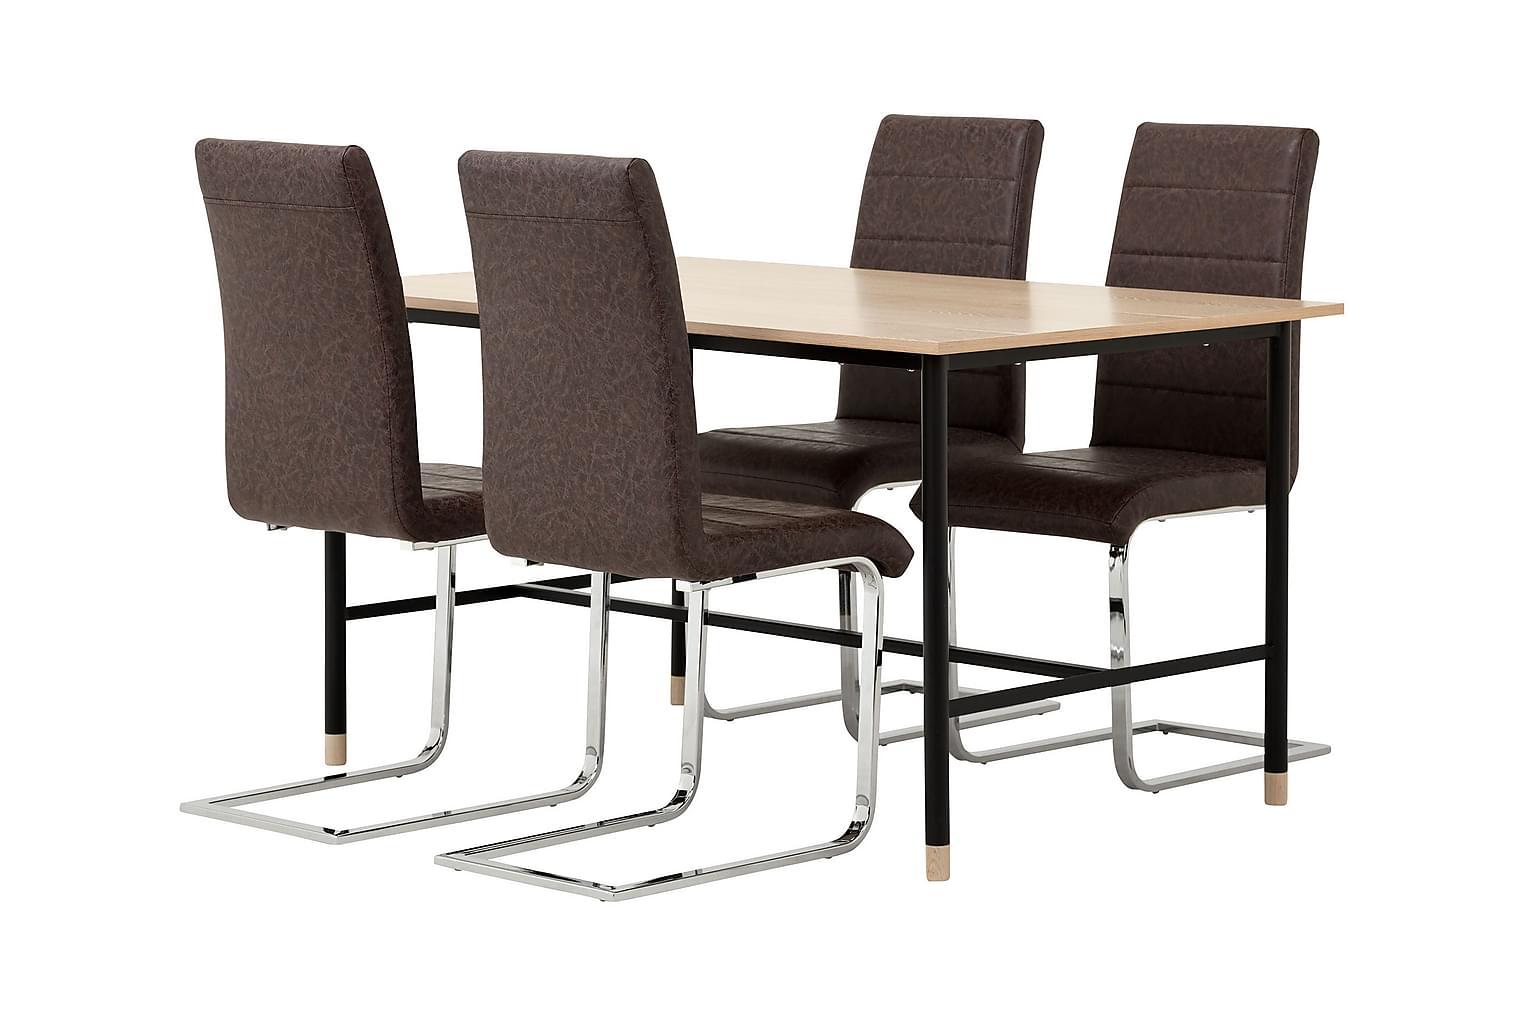 BRANDY Pöytä 138 Tammi/Musta + 4 EMÅN Tuolia Tumma antiikki